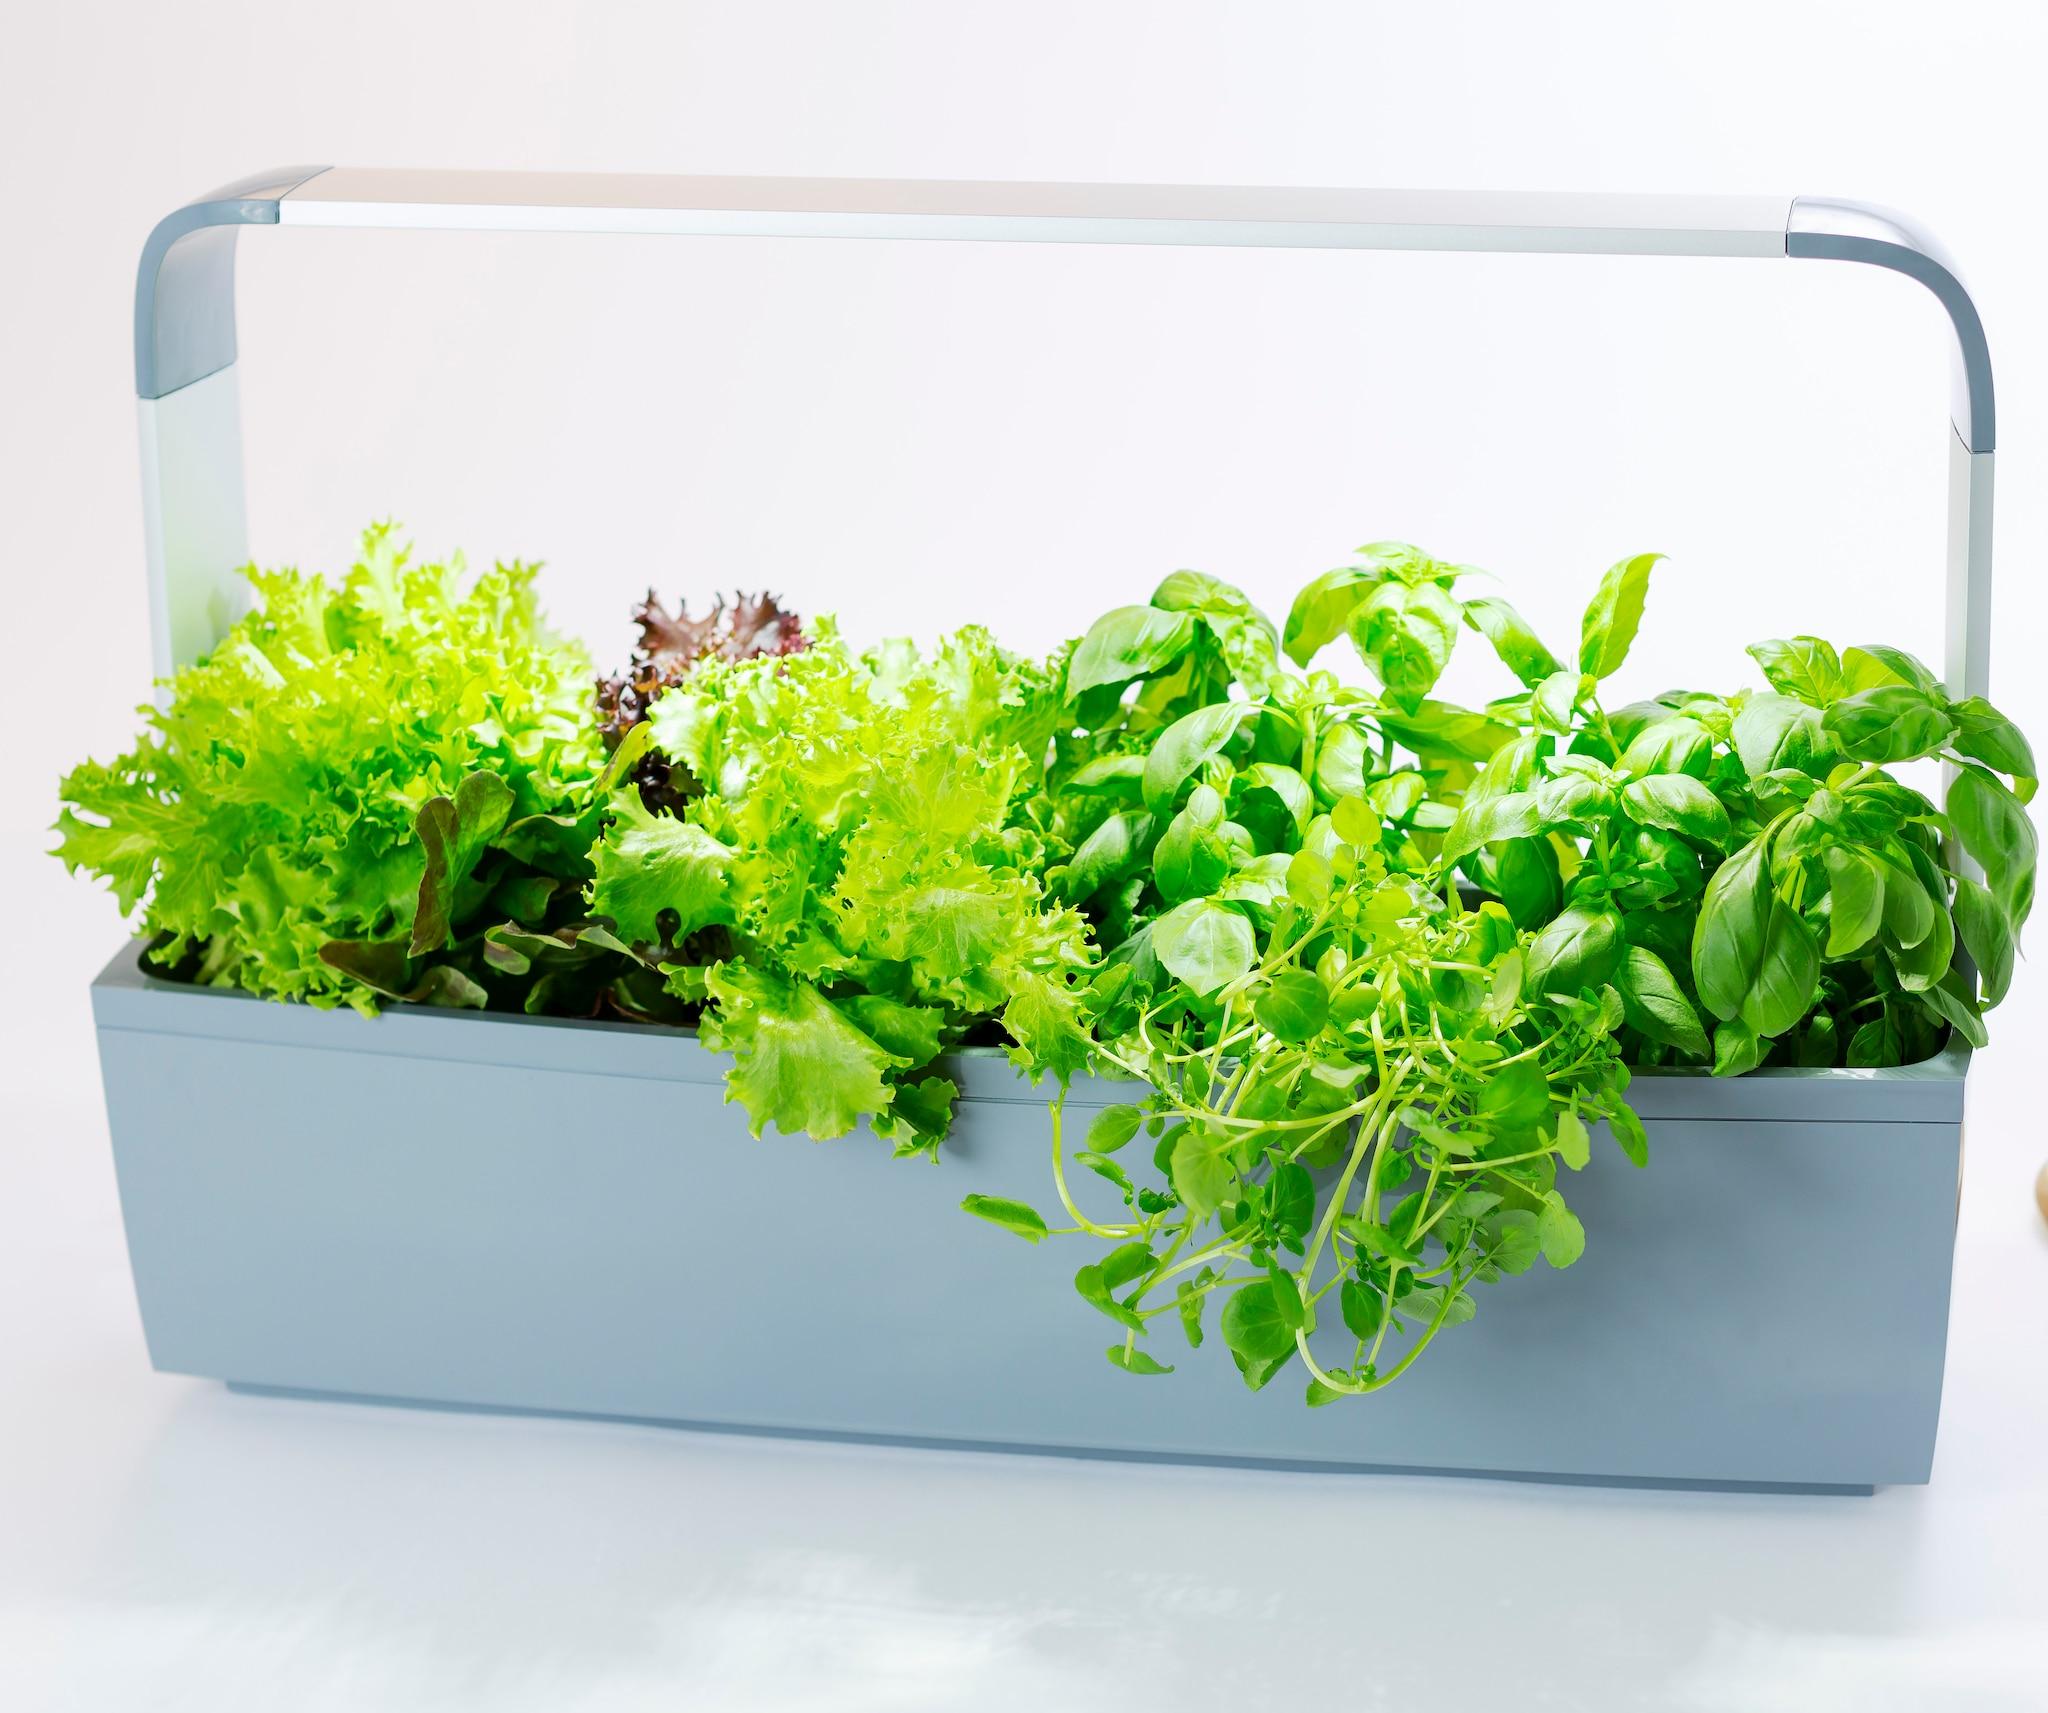 Coltivare In Casa Piante Aromatiche tegren, vasi smart per crescere verdure dentro casa